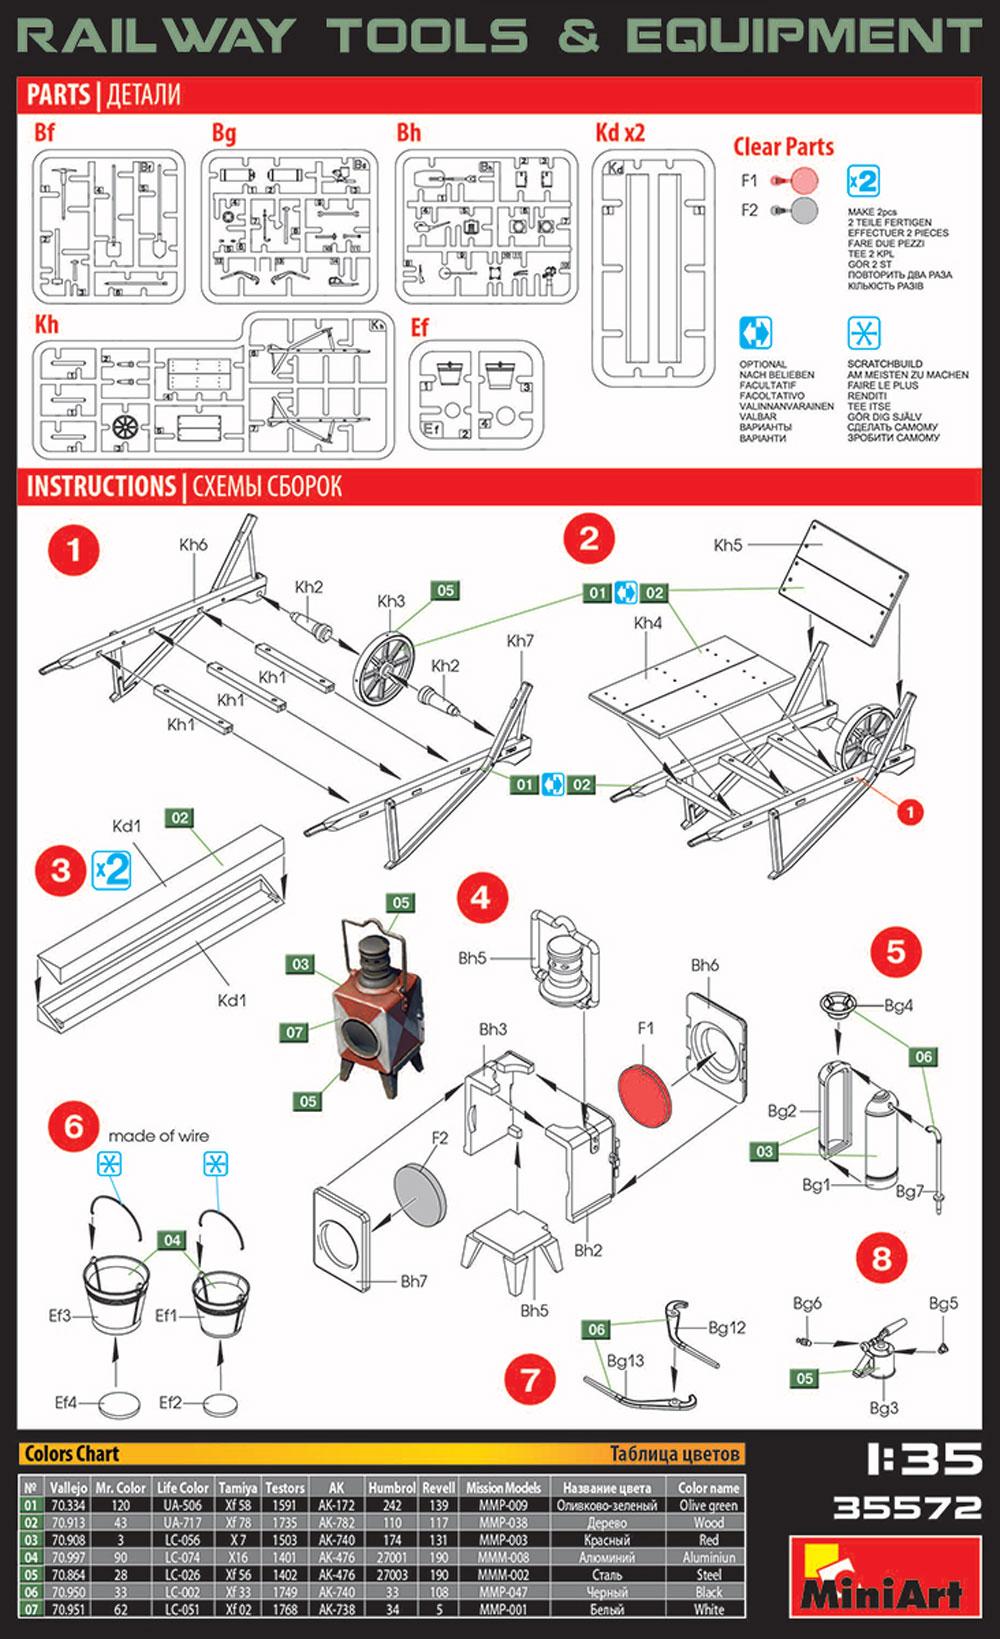 鉄道敷設用工具と装備品プラモデル(ミニアート1/35 ビルディング&アクセサリー シリーズNo.35572)商品画像_1